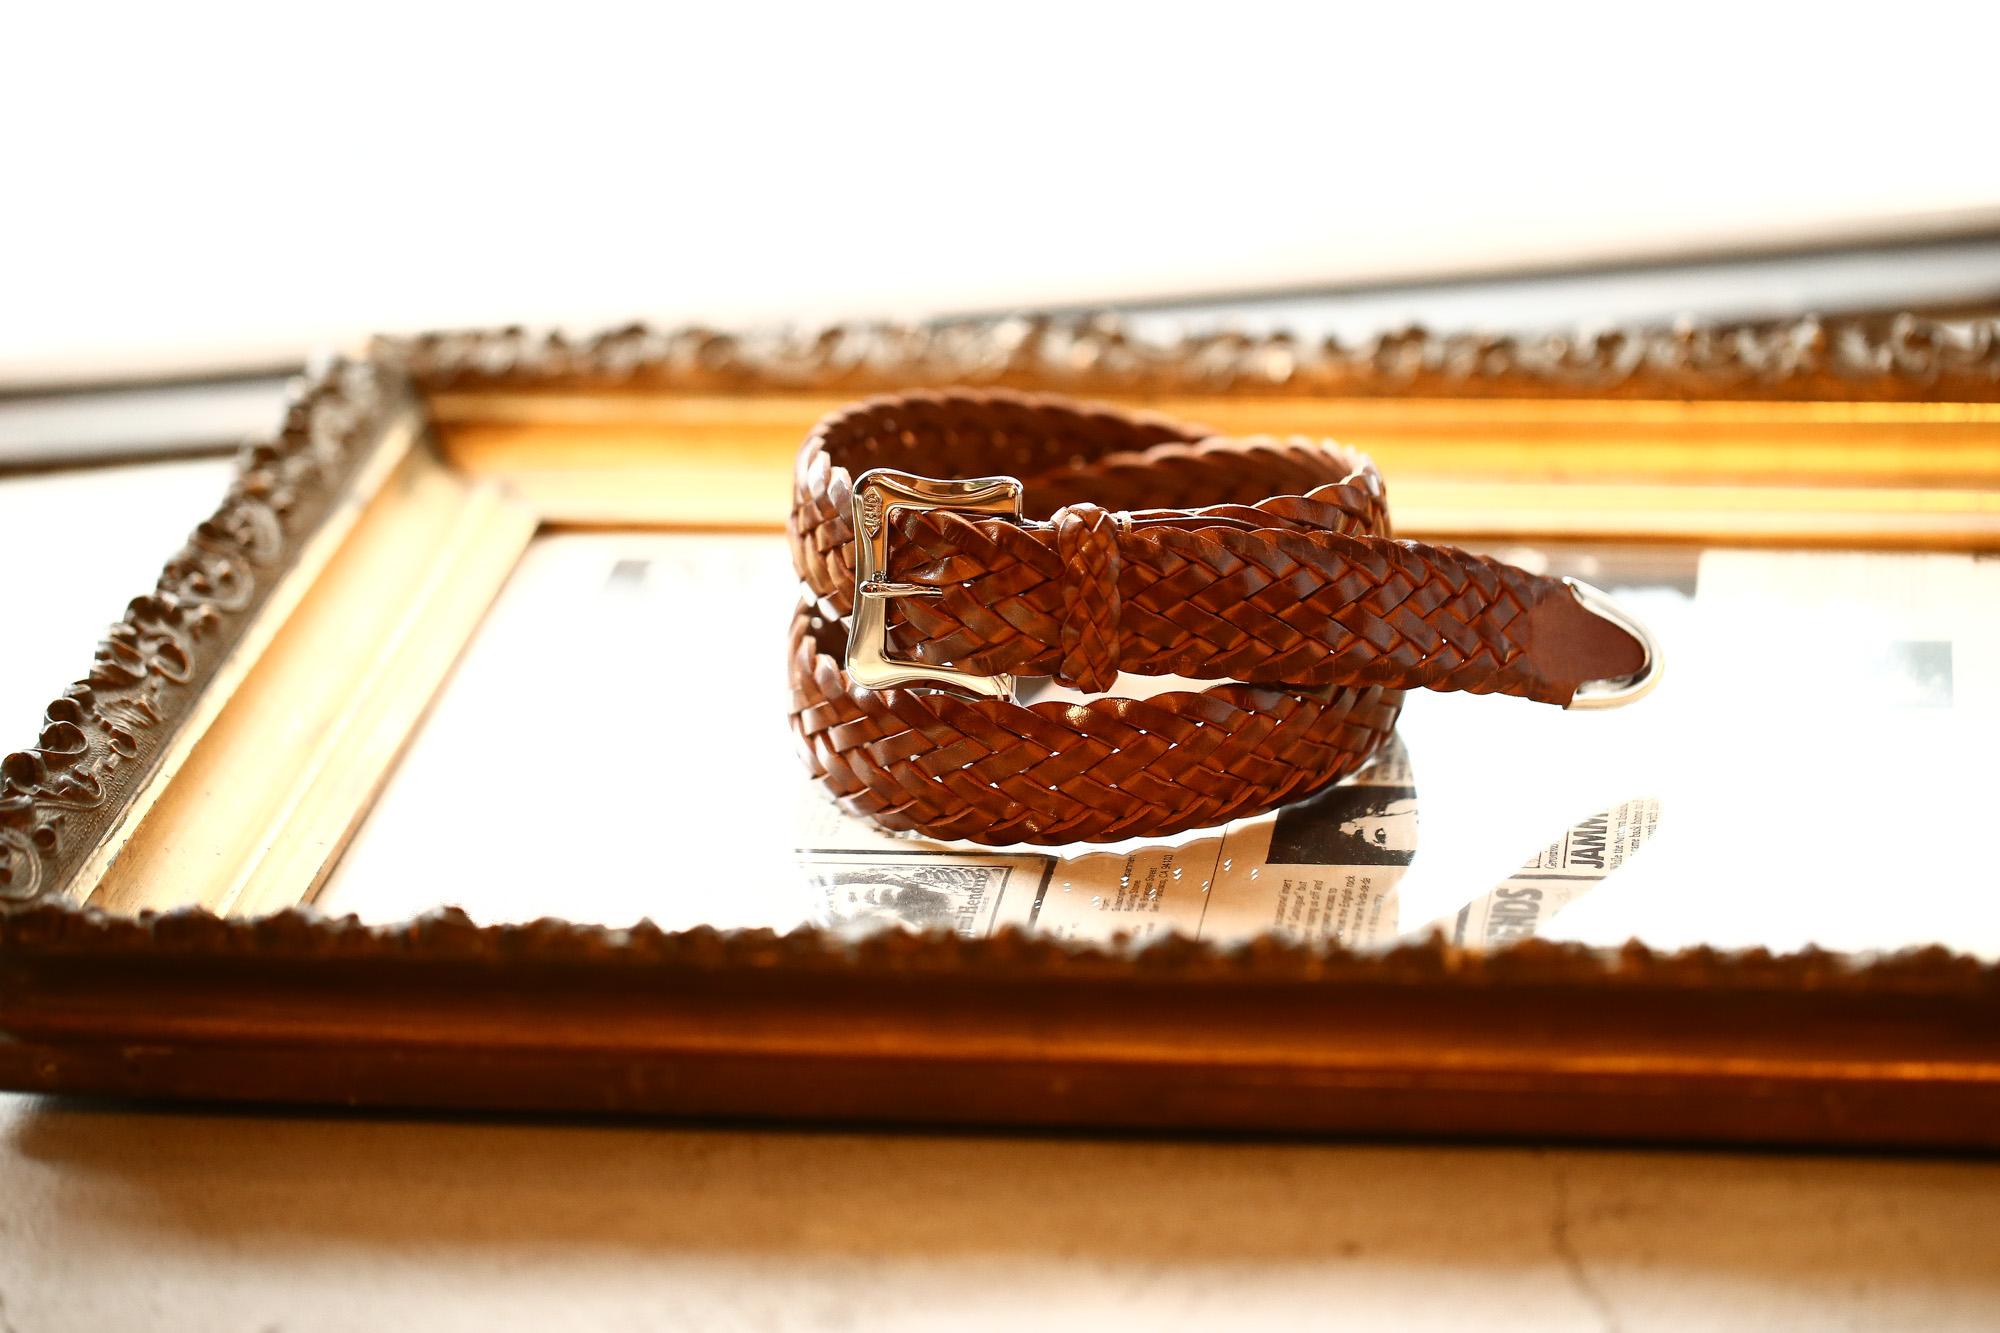 J&M DAVIDSON (ジェイアンドエムデヴィッドソン) ENVELOPE BUCKLE TIP END PLAITED BELT 30MM (エンベロープバックルチップエンドプレーテッドベルト 30mm) 1364 CALF LEATHER (カーフレザー) プンターレ メッシュベルト TAN (タン・290) Made in italy (イタリア製) 愛知 名古屋 ZODIAC ゾディアック jmdavidson ジェイエムデヴィッドソン ベルト メッシュ